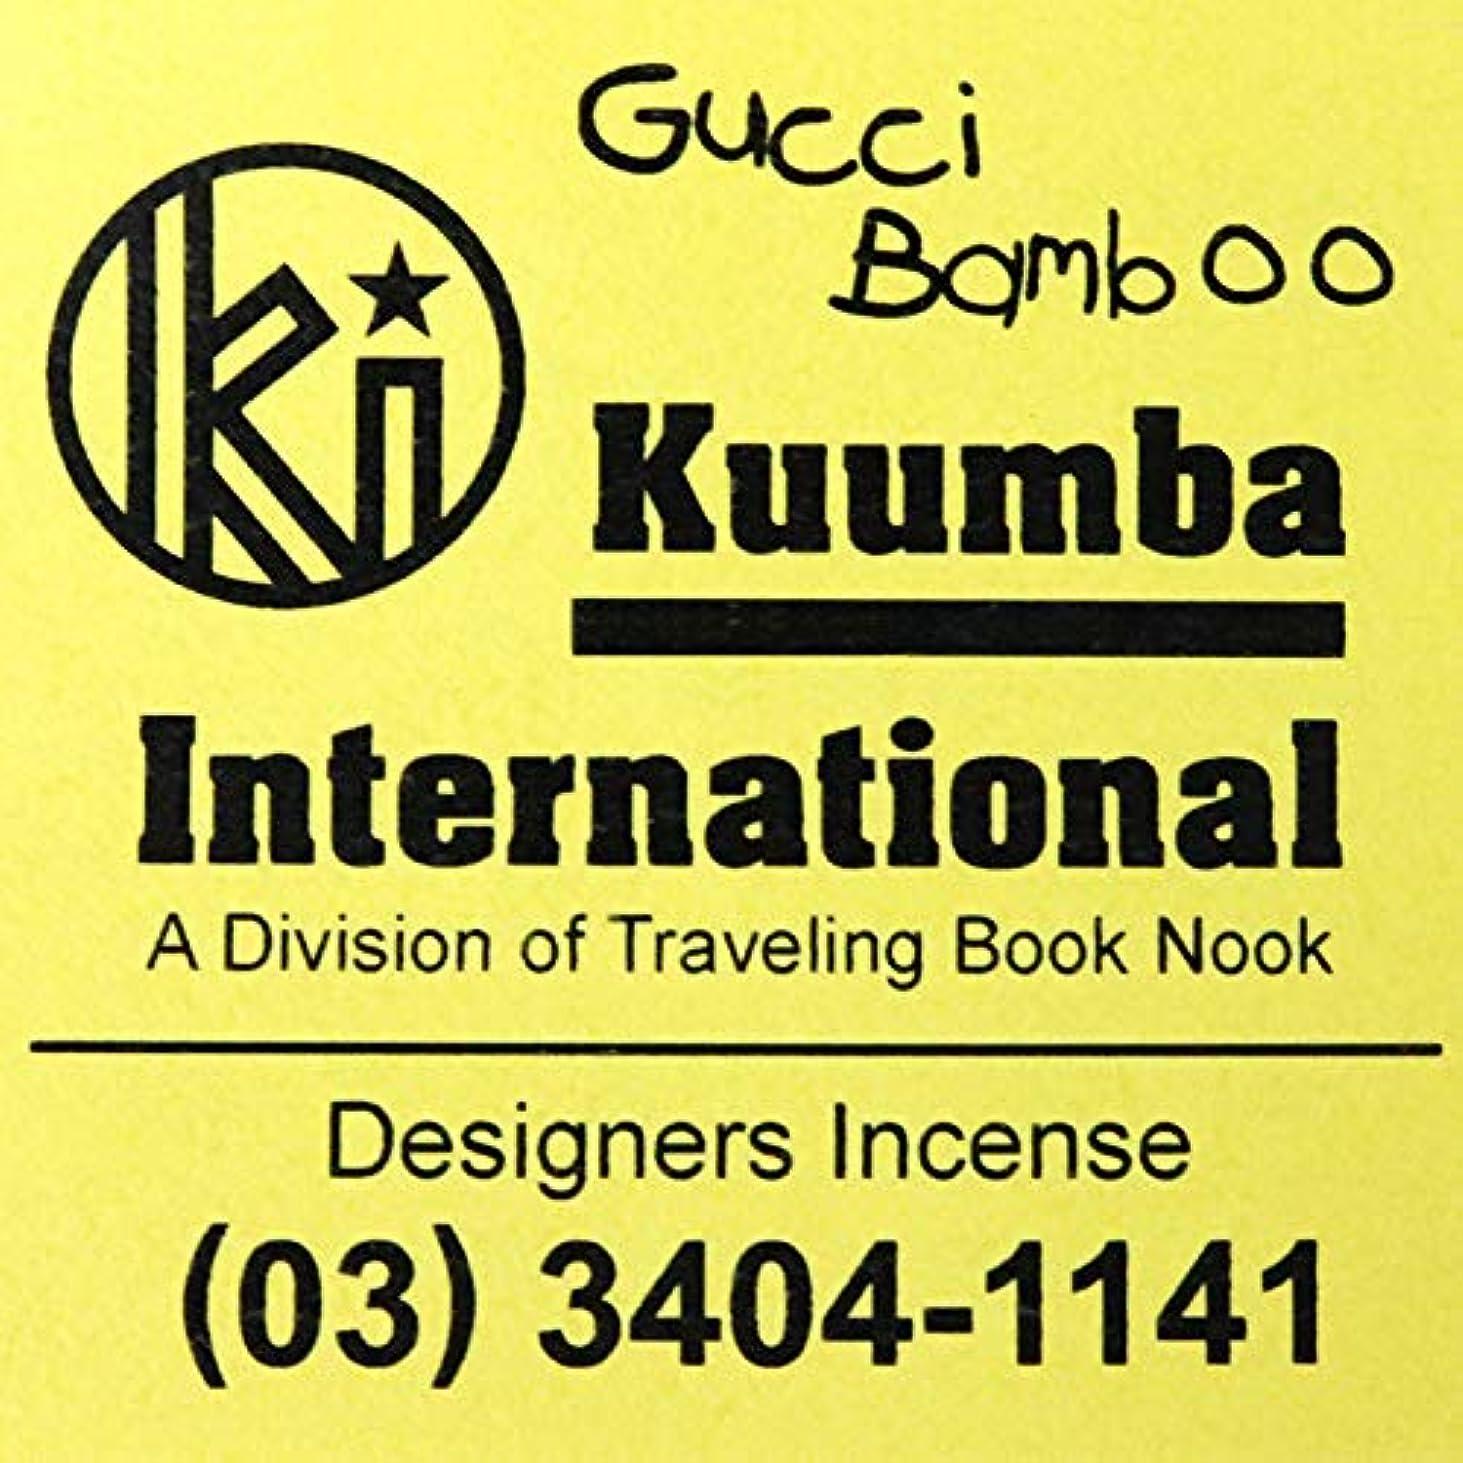 船乗り速度バーベキューKUUMBA (クンバ)『incense』(GUCCI BAMBOO) (GUCCI BAMBOO, Regular size)